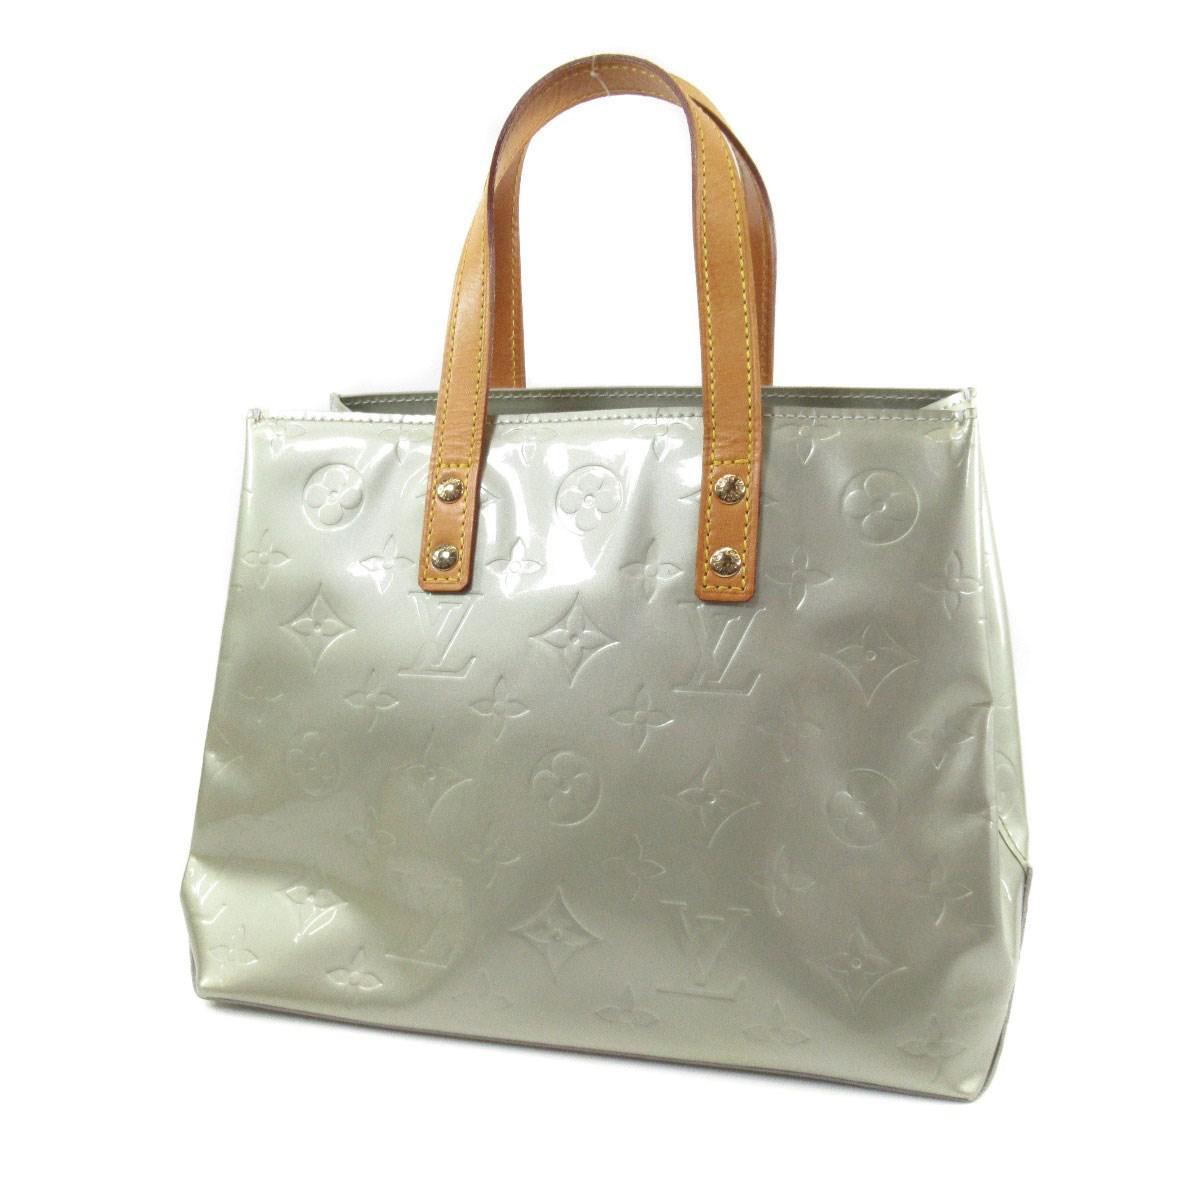 fa4e56e58e Lyst - Louis Vuitton Vernis Handbag M91145 Lead Pm in Gray